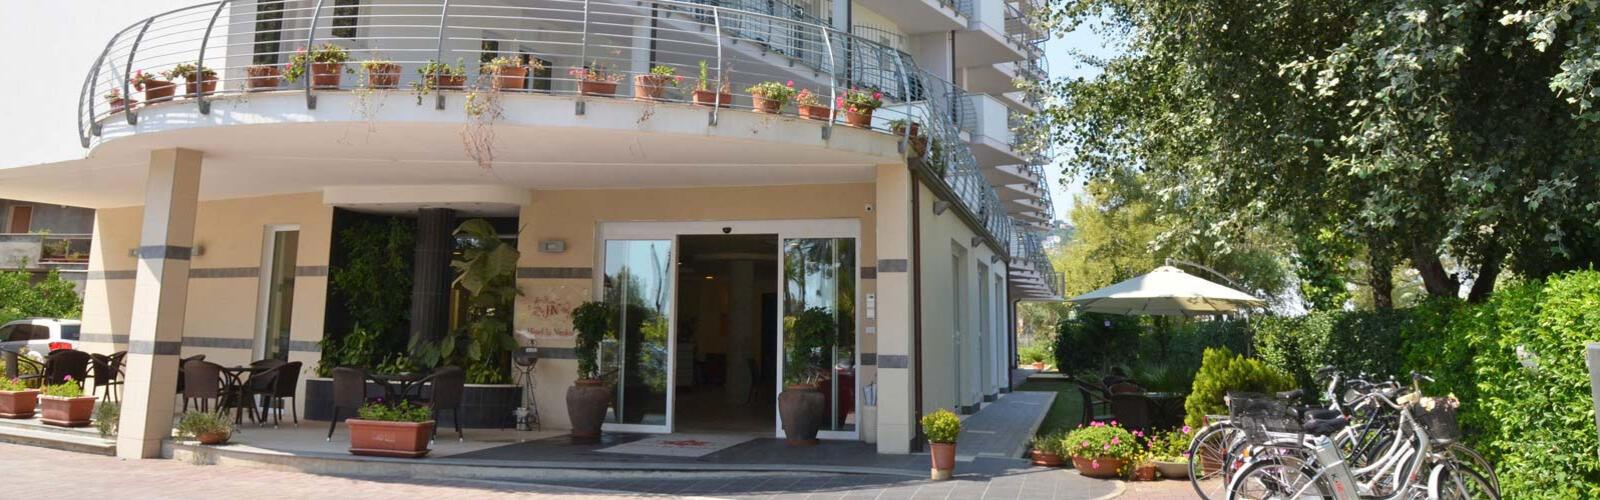 hotellaninfea it domande 002